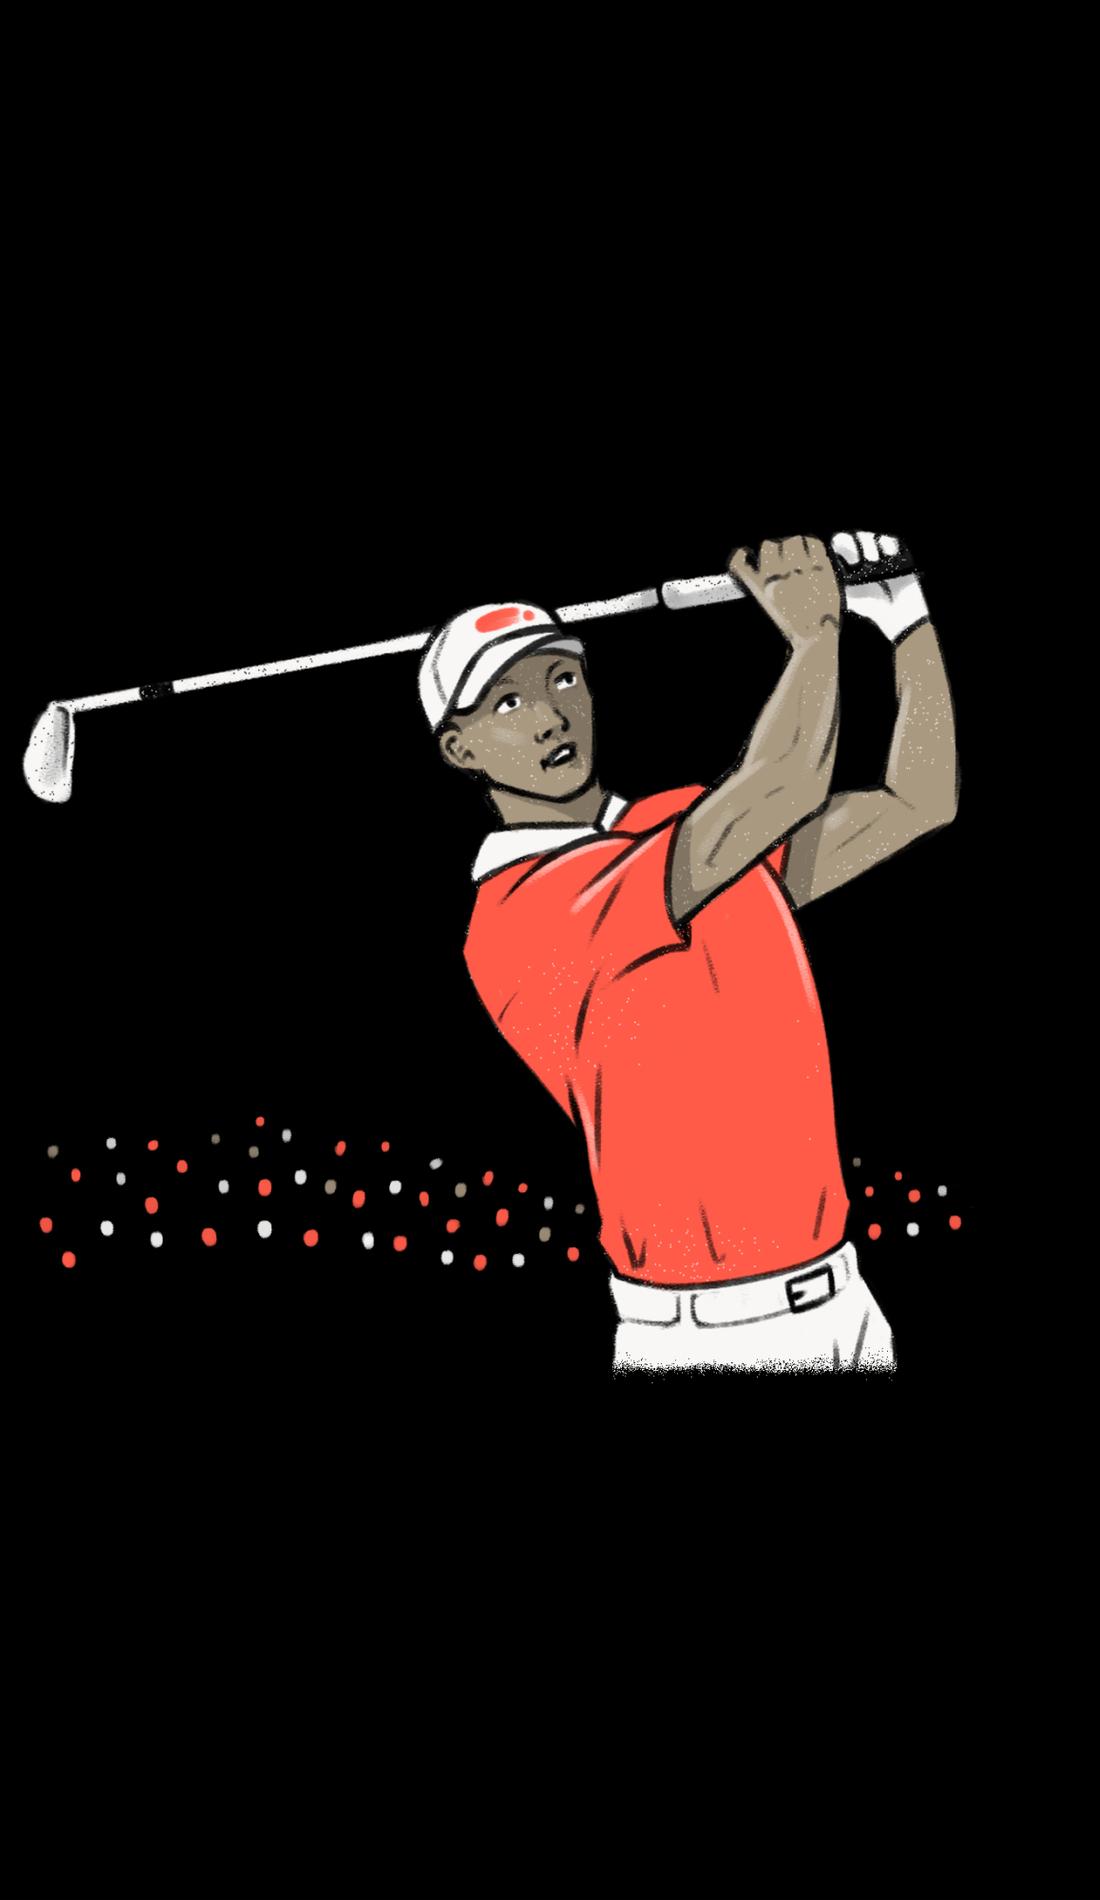 A Waste Management Phoenix Open live event